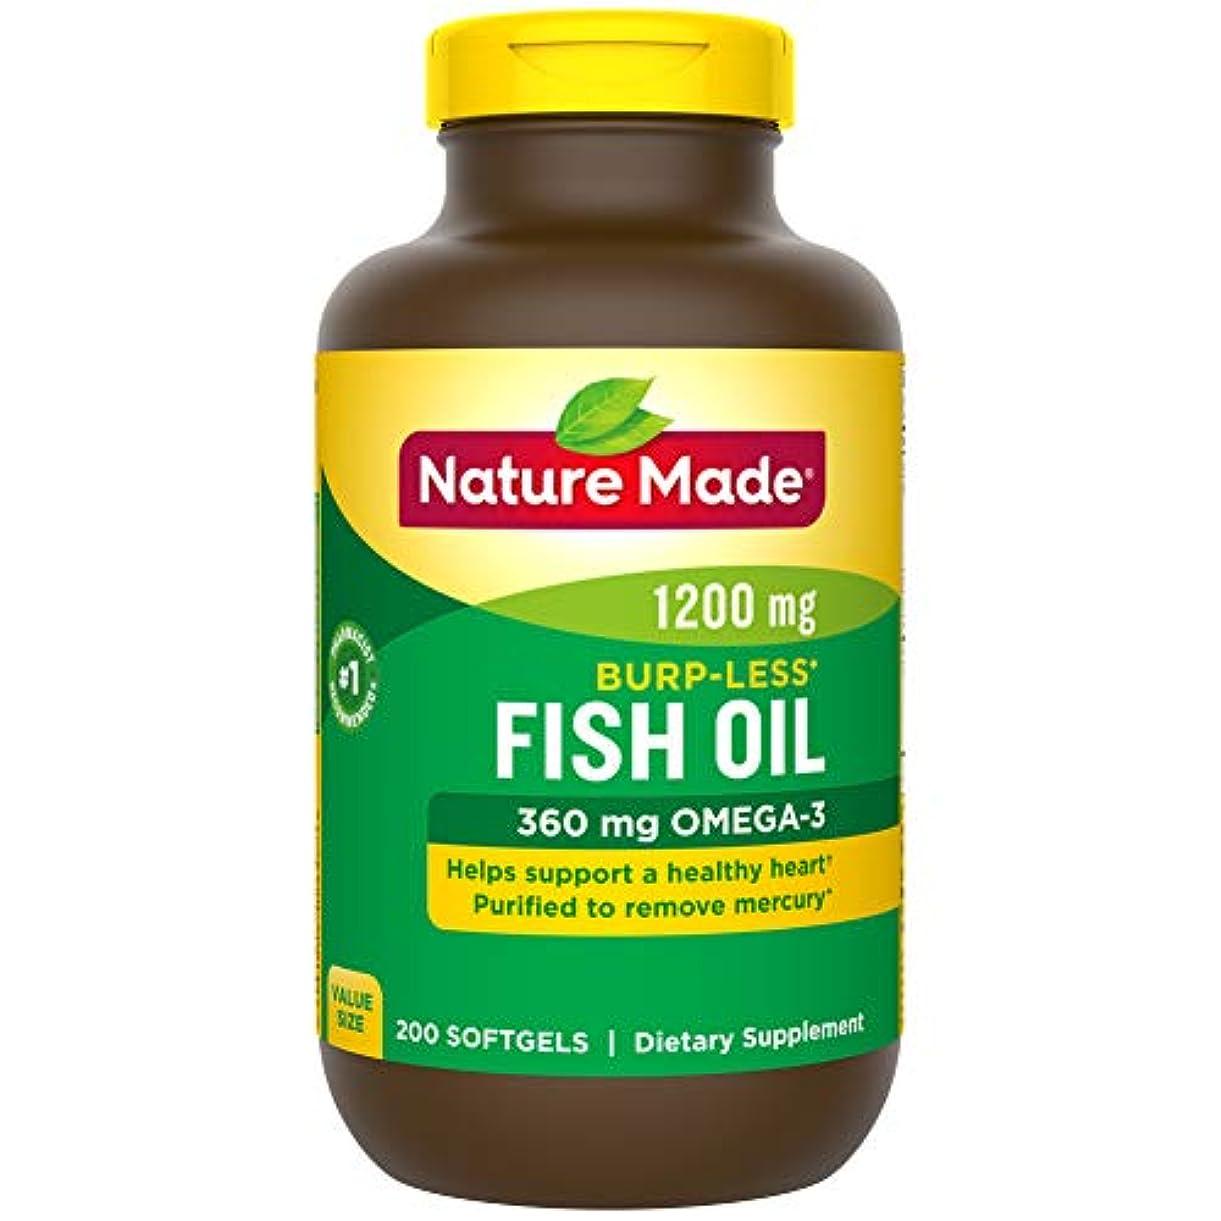 シアー力アジア人Nature Made Fish Oil 1200 Mg Burp-less, Value Size, 200-Count 海外直送品